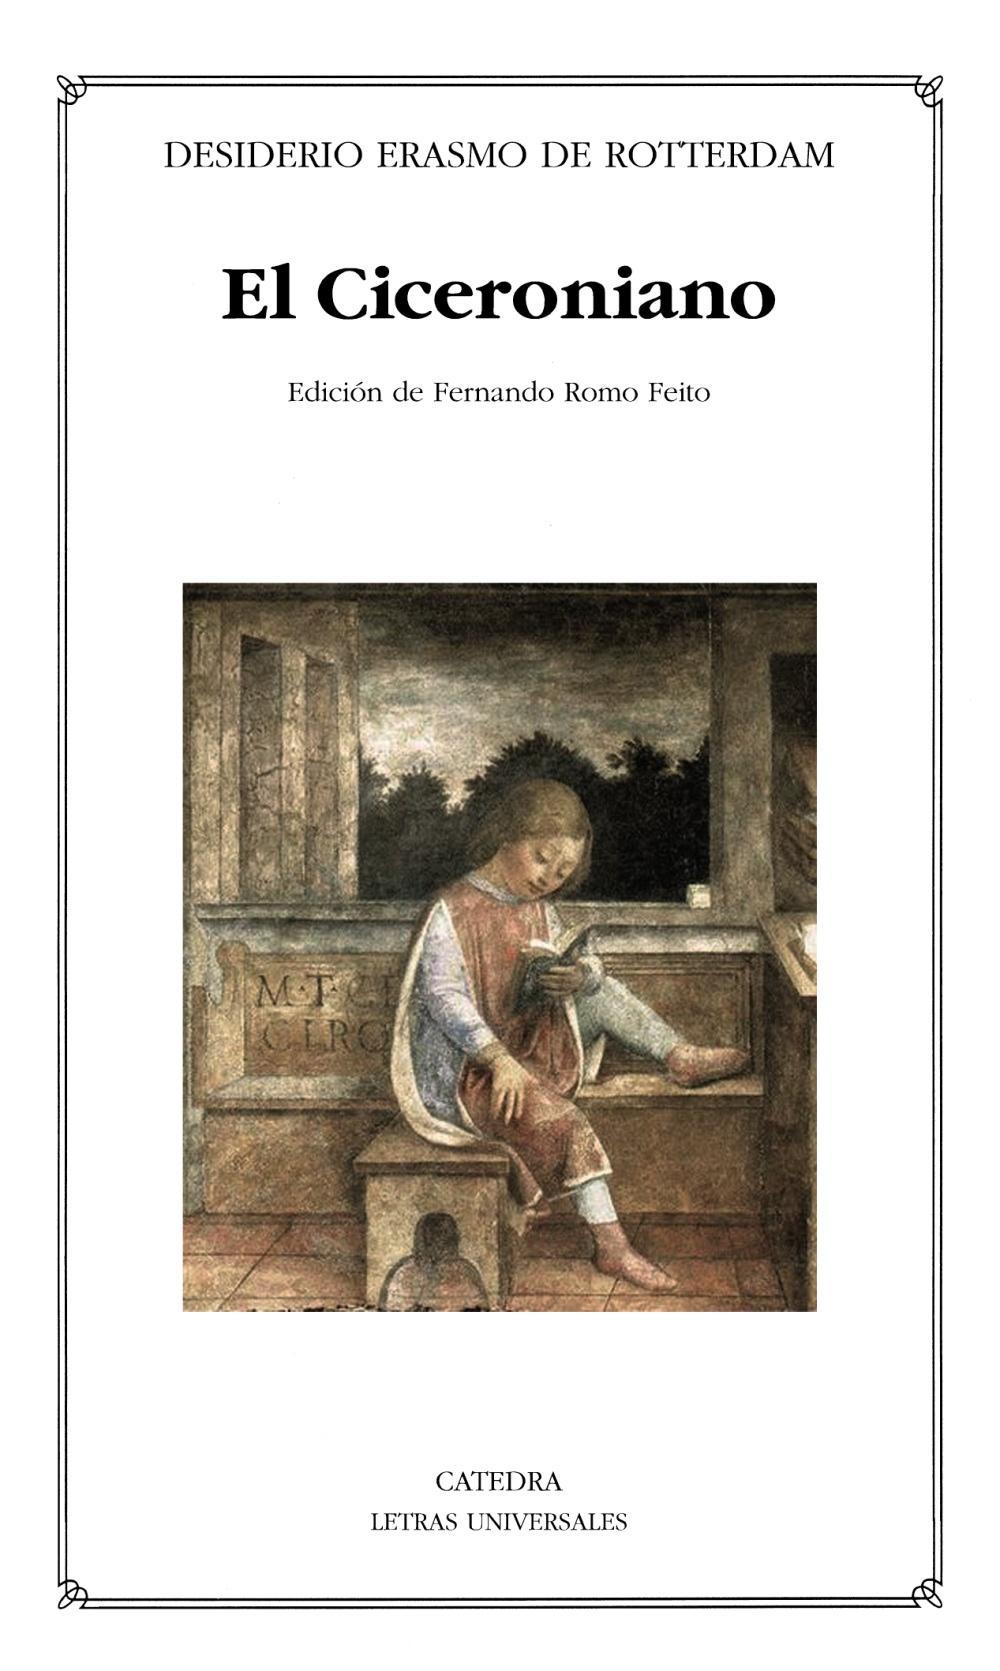 El Ciceroniano o Del mejor estilo de oratoria